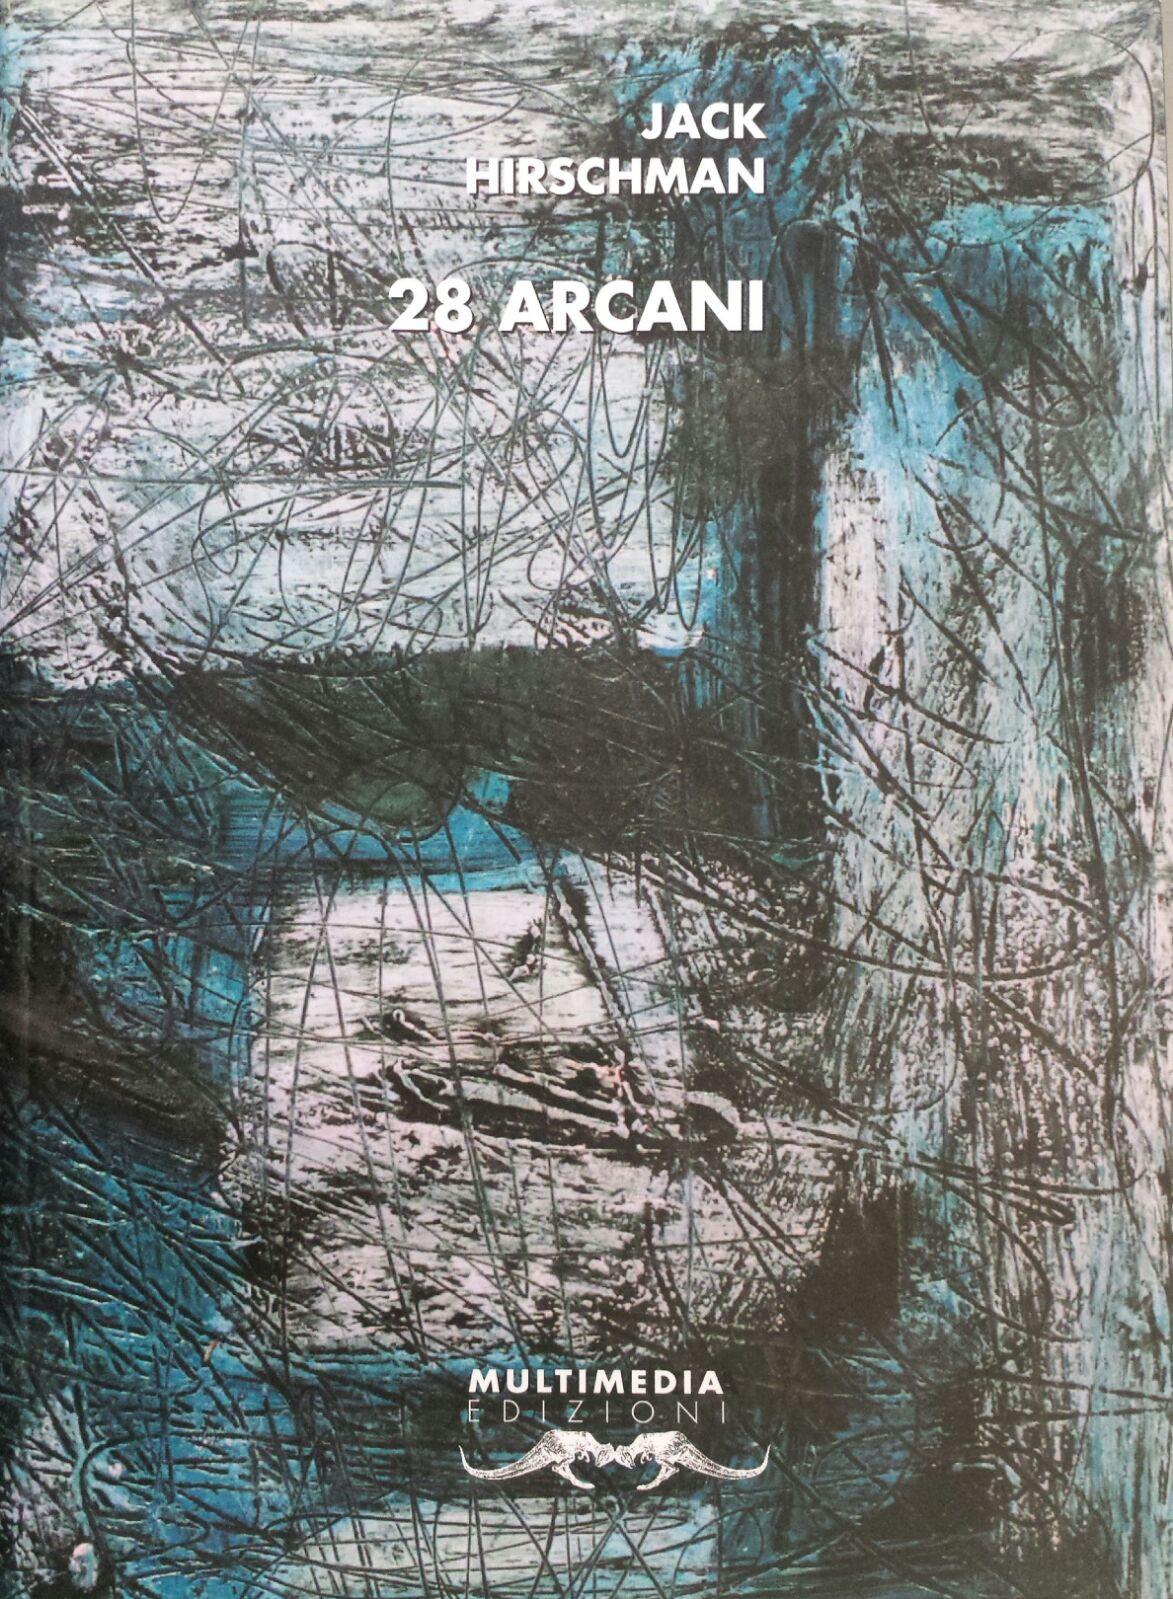 28 Arcani